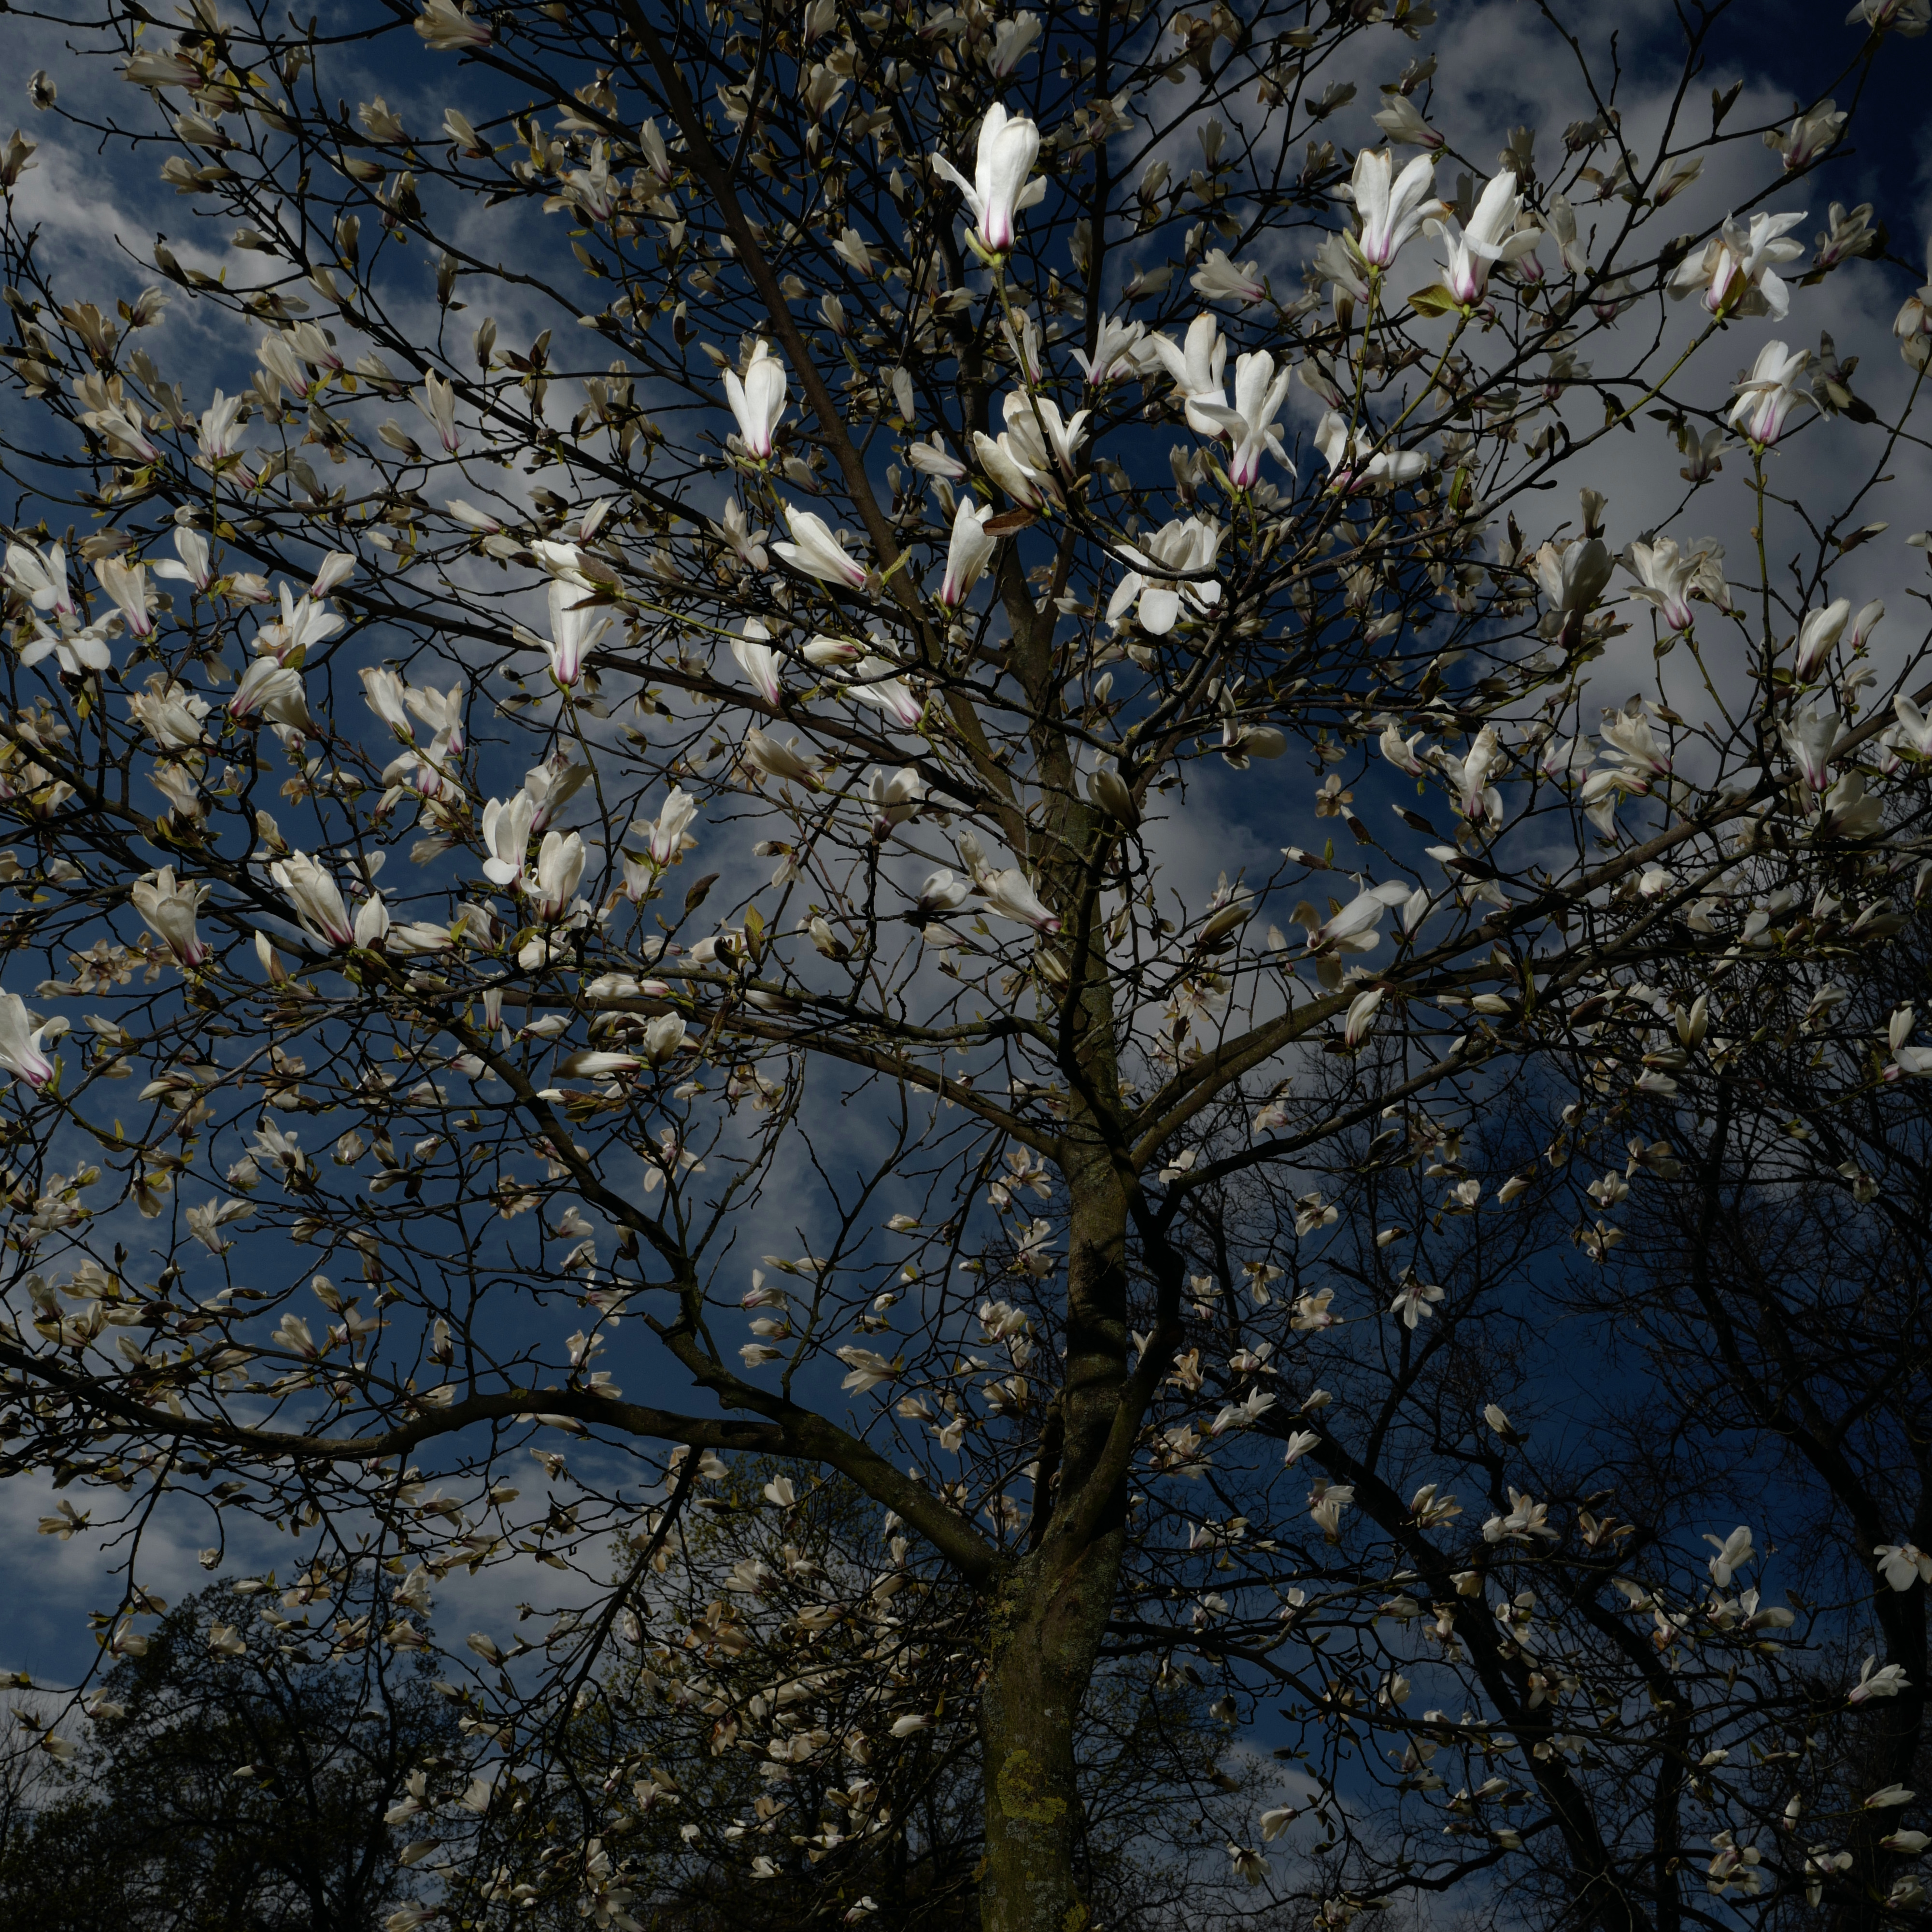 Grant Simon Rogers: Magnolia